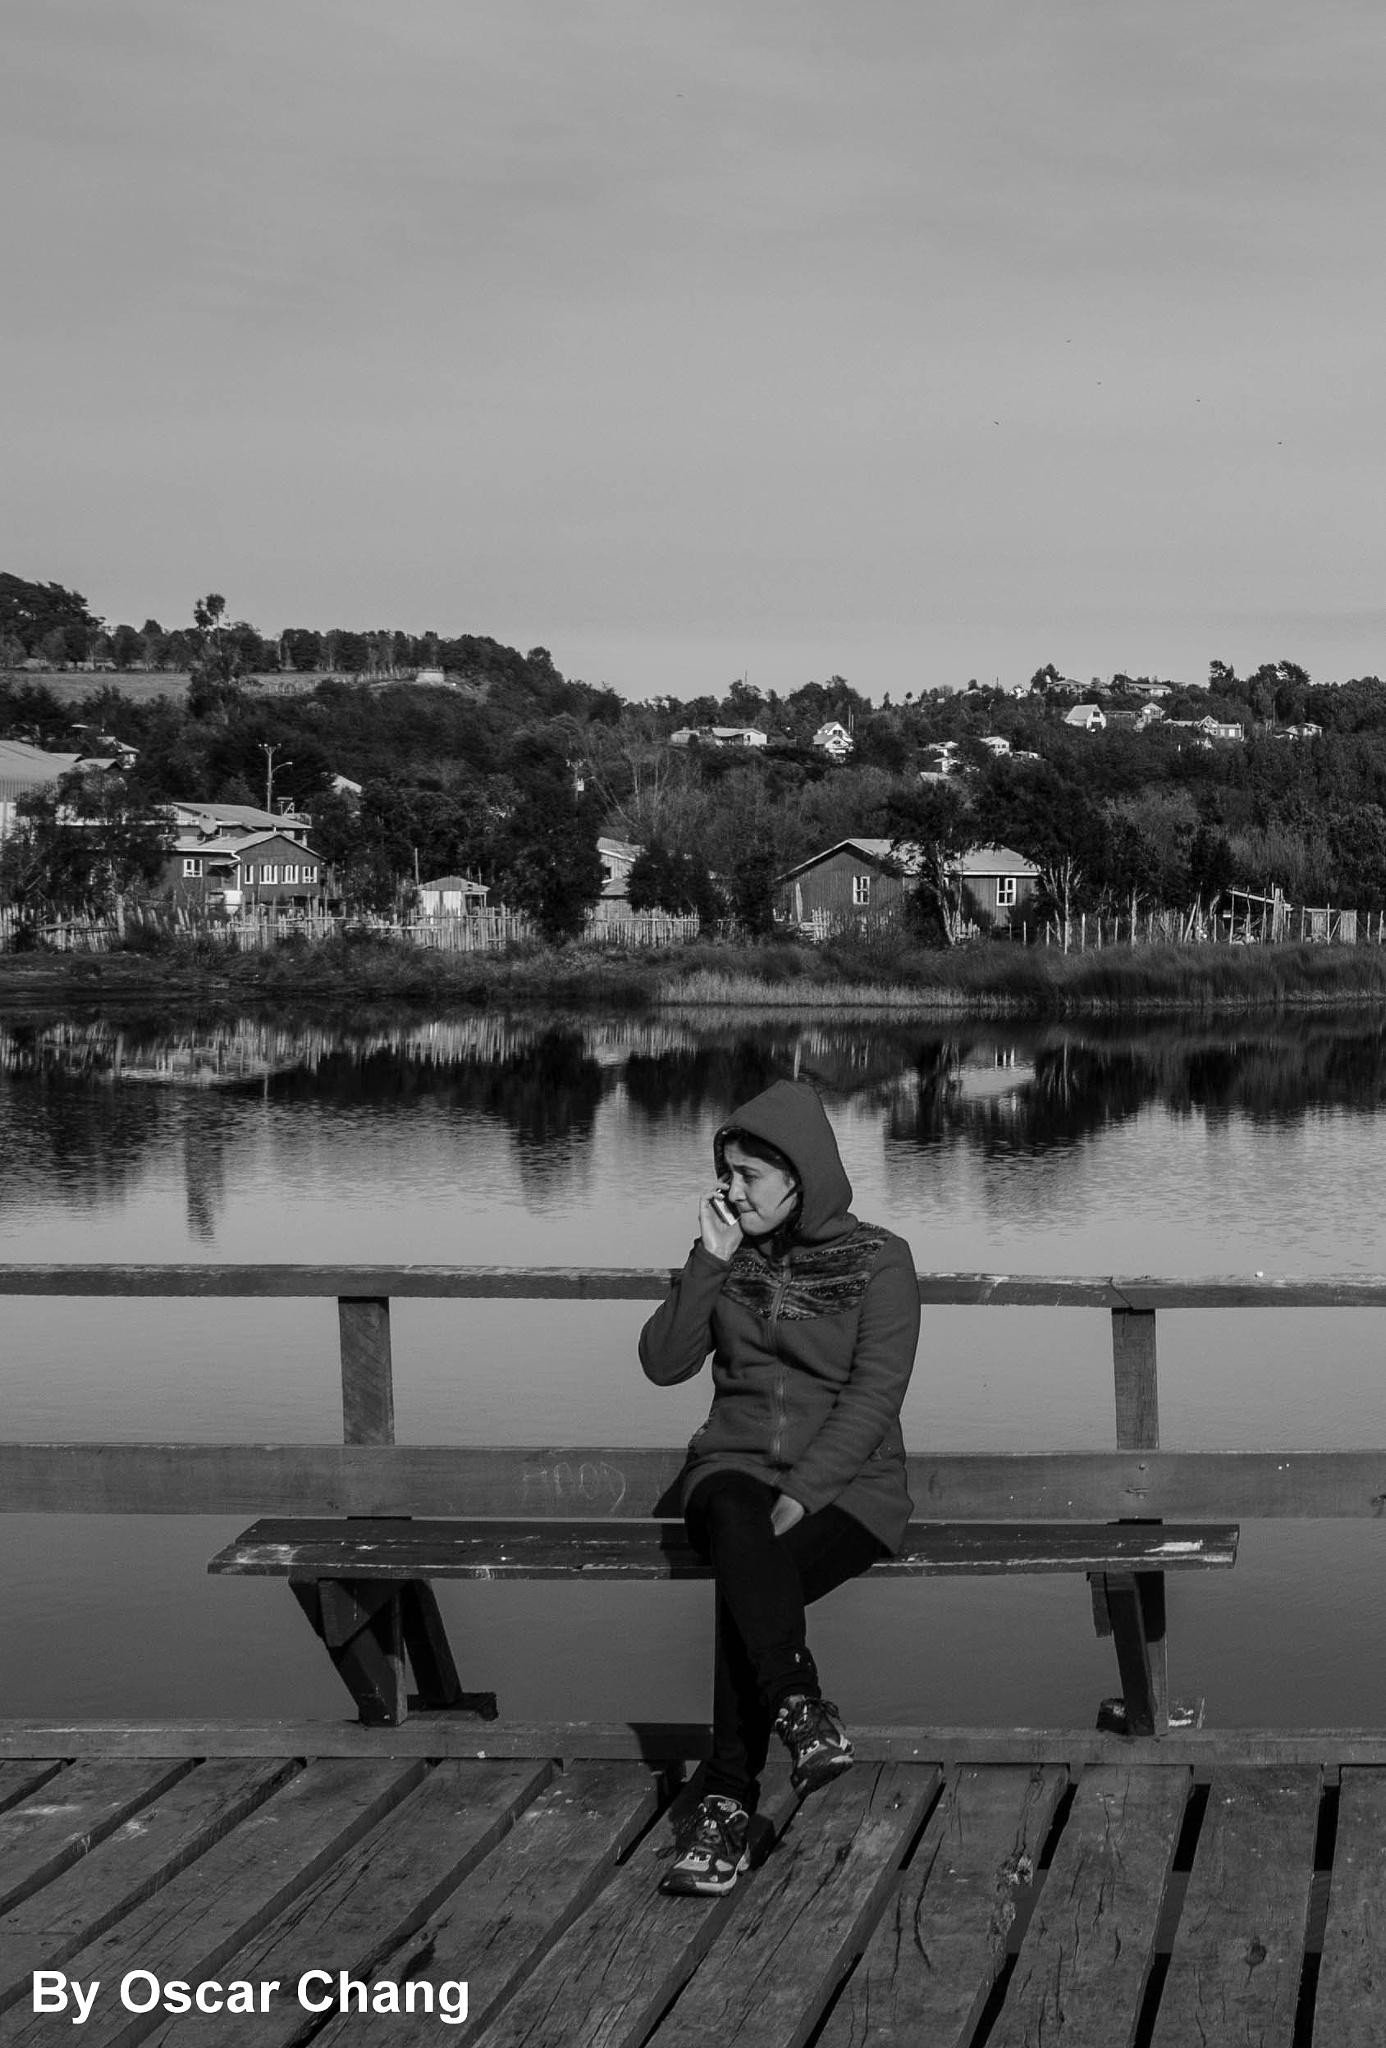 Lago Huillinco by Oscar Chang